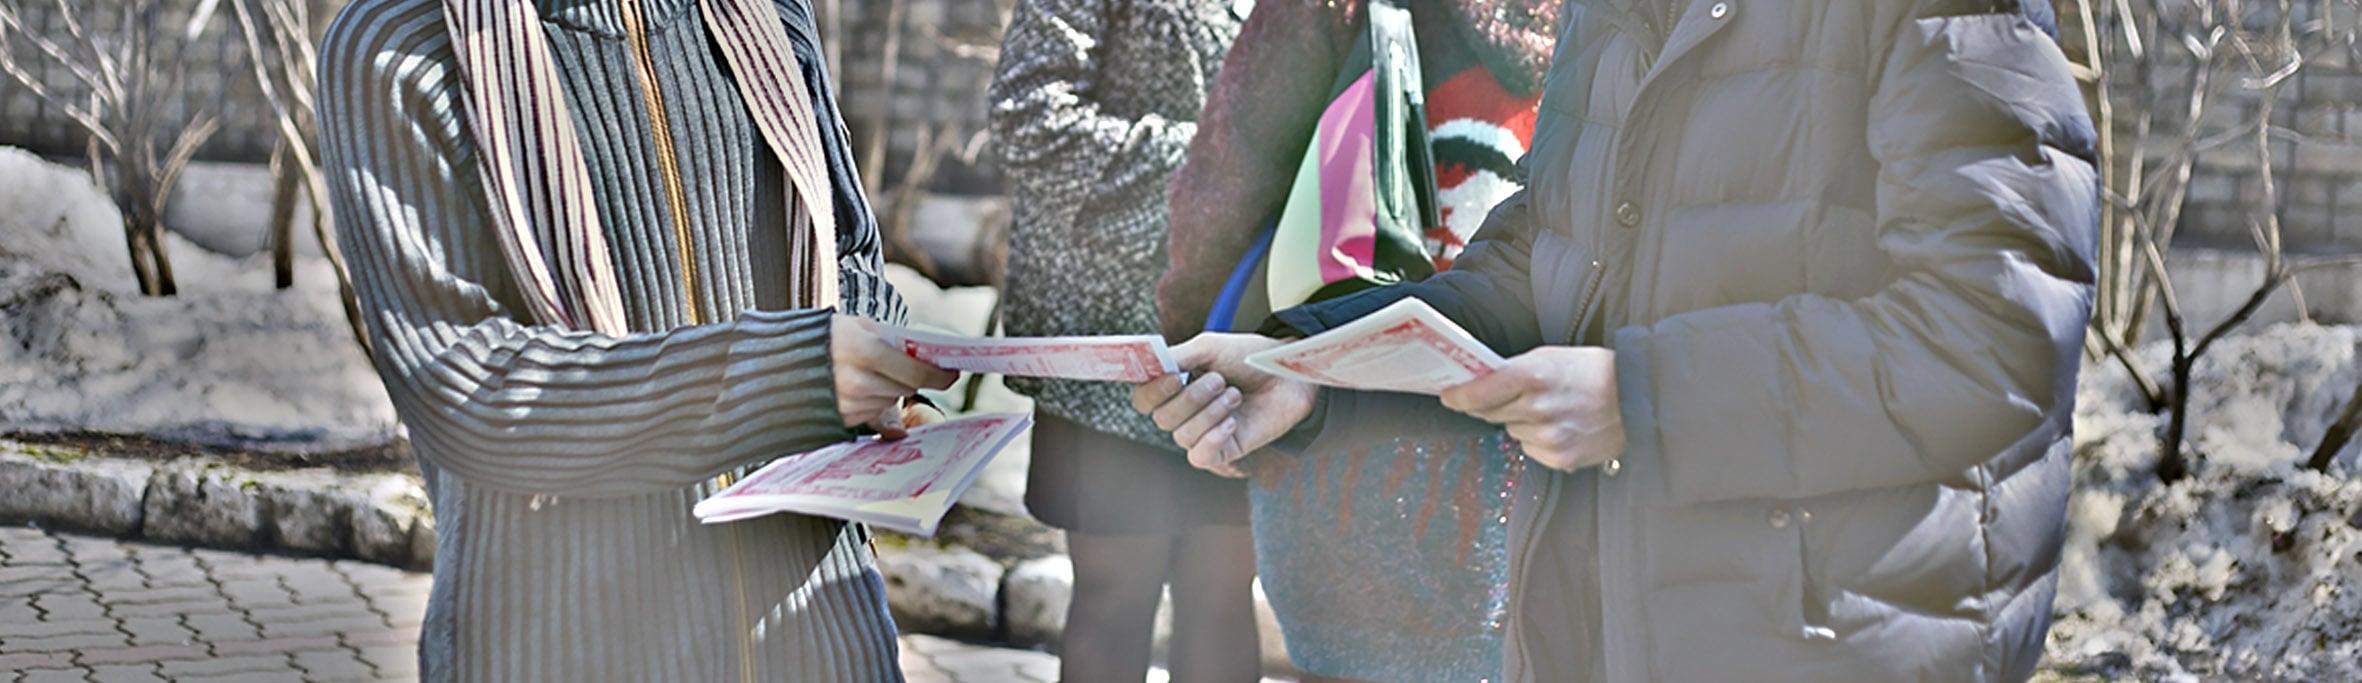 Распространение листовок в Махачкале Дагестан